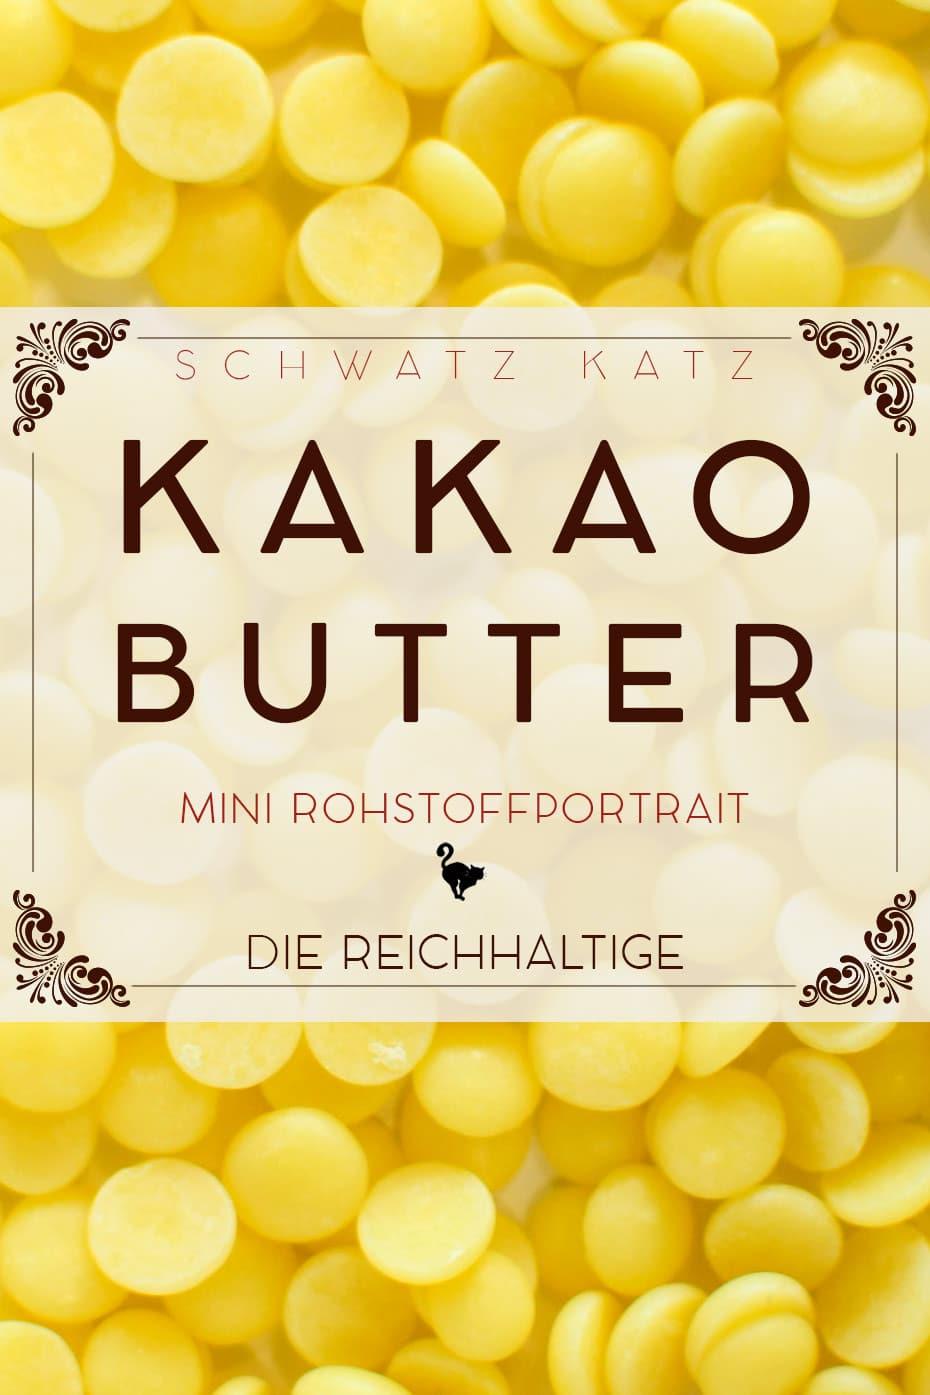 Kakaobutter Mini Rohstoffportrait von Schwatz Katz